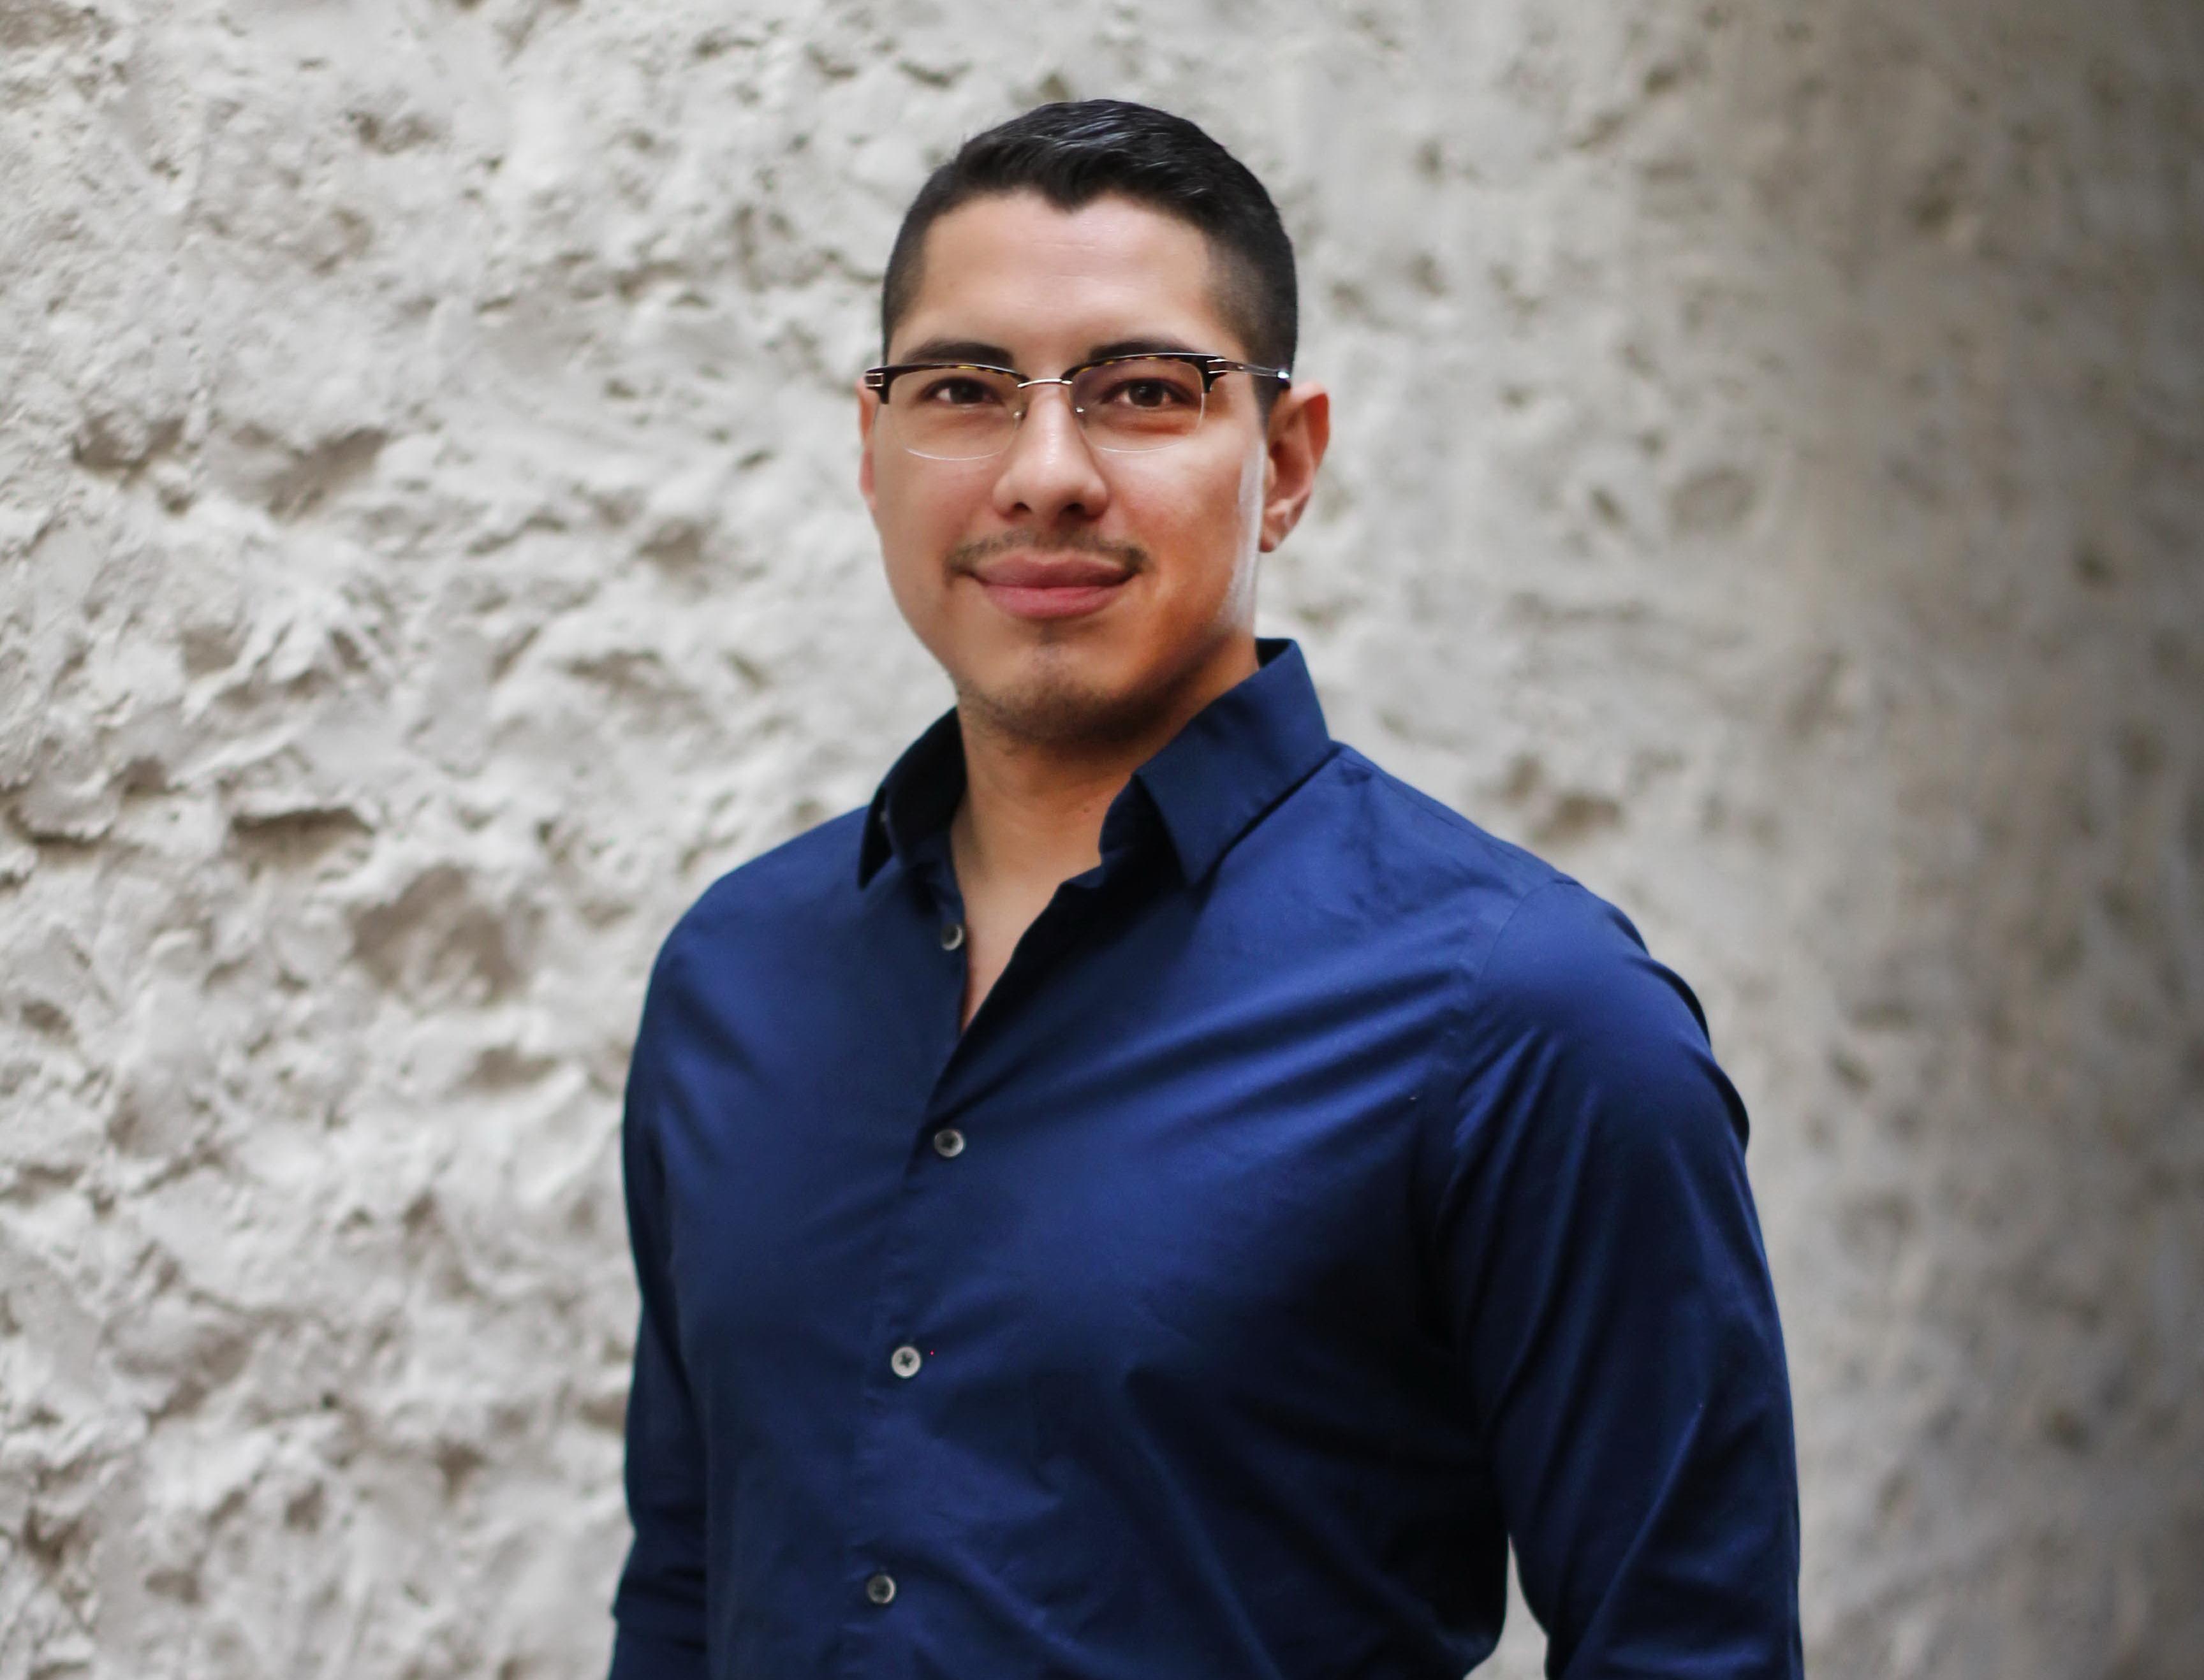 Michael Ramirez SearchRPM